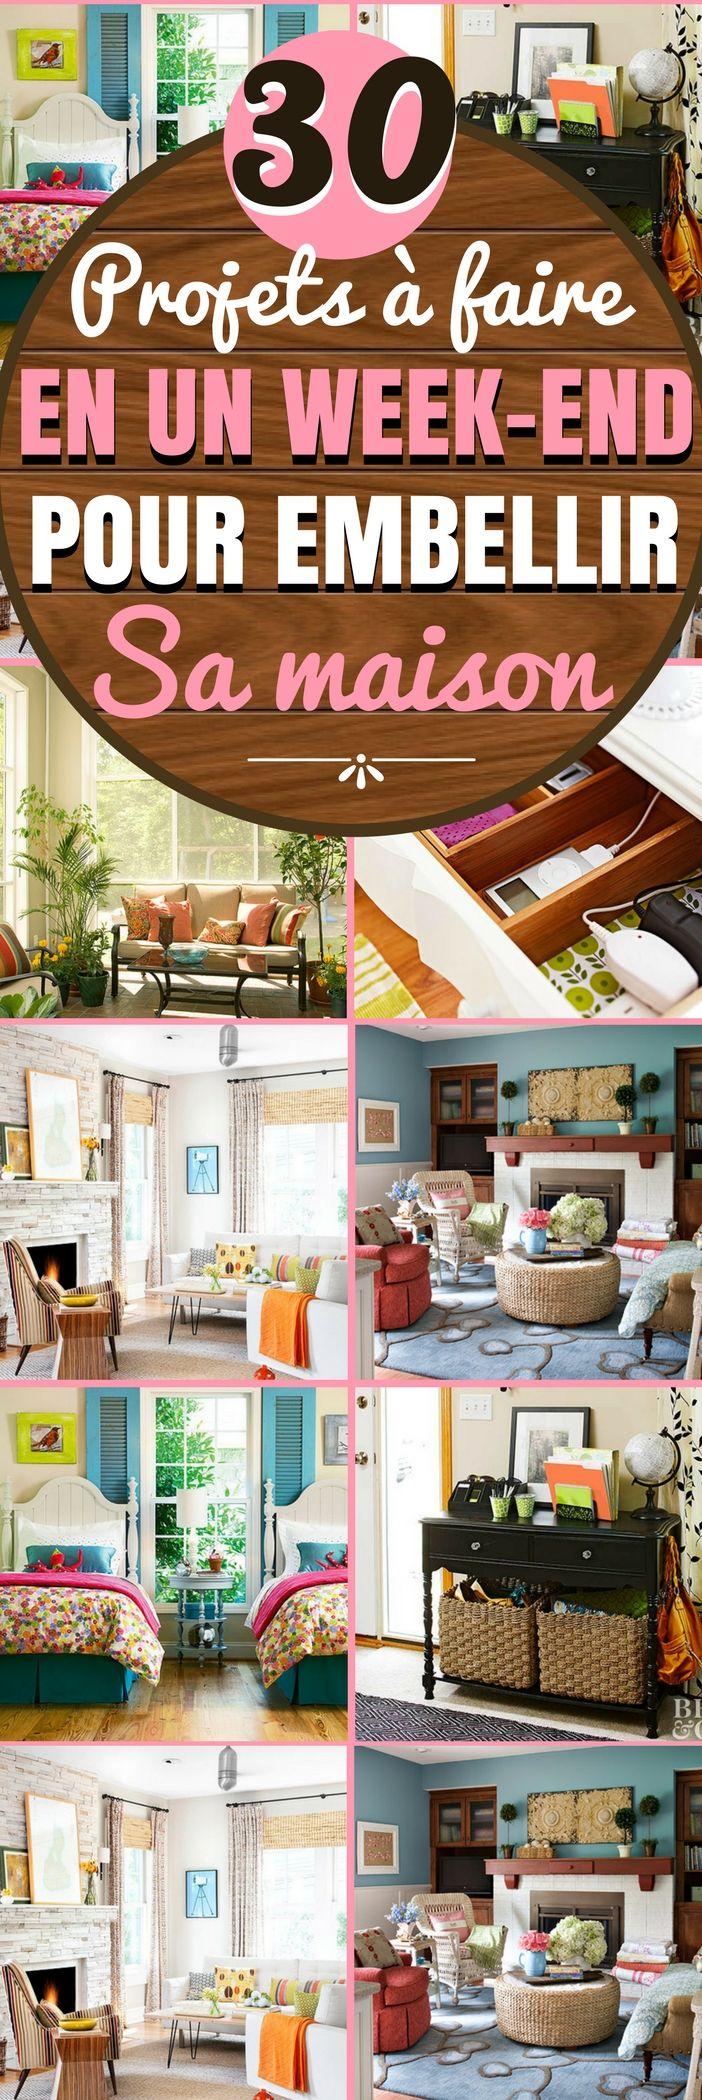 Voici 30 idées / projets à faire le week-end pour améliorer et embellir votre maison. Si vous êtes un peu bricoleur ou expert en DIY, vous êtes déjà sur la bonne voie pour économiser de l'argent. Mais avec de bonnes idées et une bonne planification, vous pouvez embellir votre maison avec seulement quelques idées de projet. #diy #maison #interieur #idéesdéco